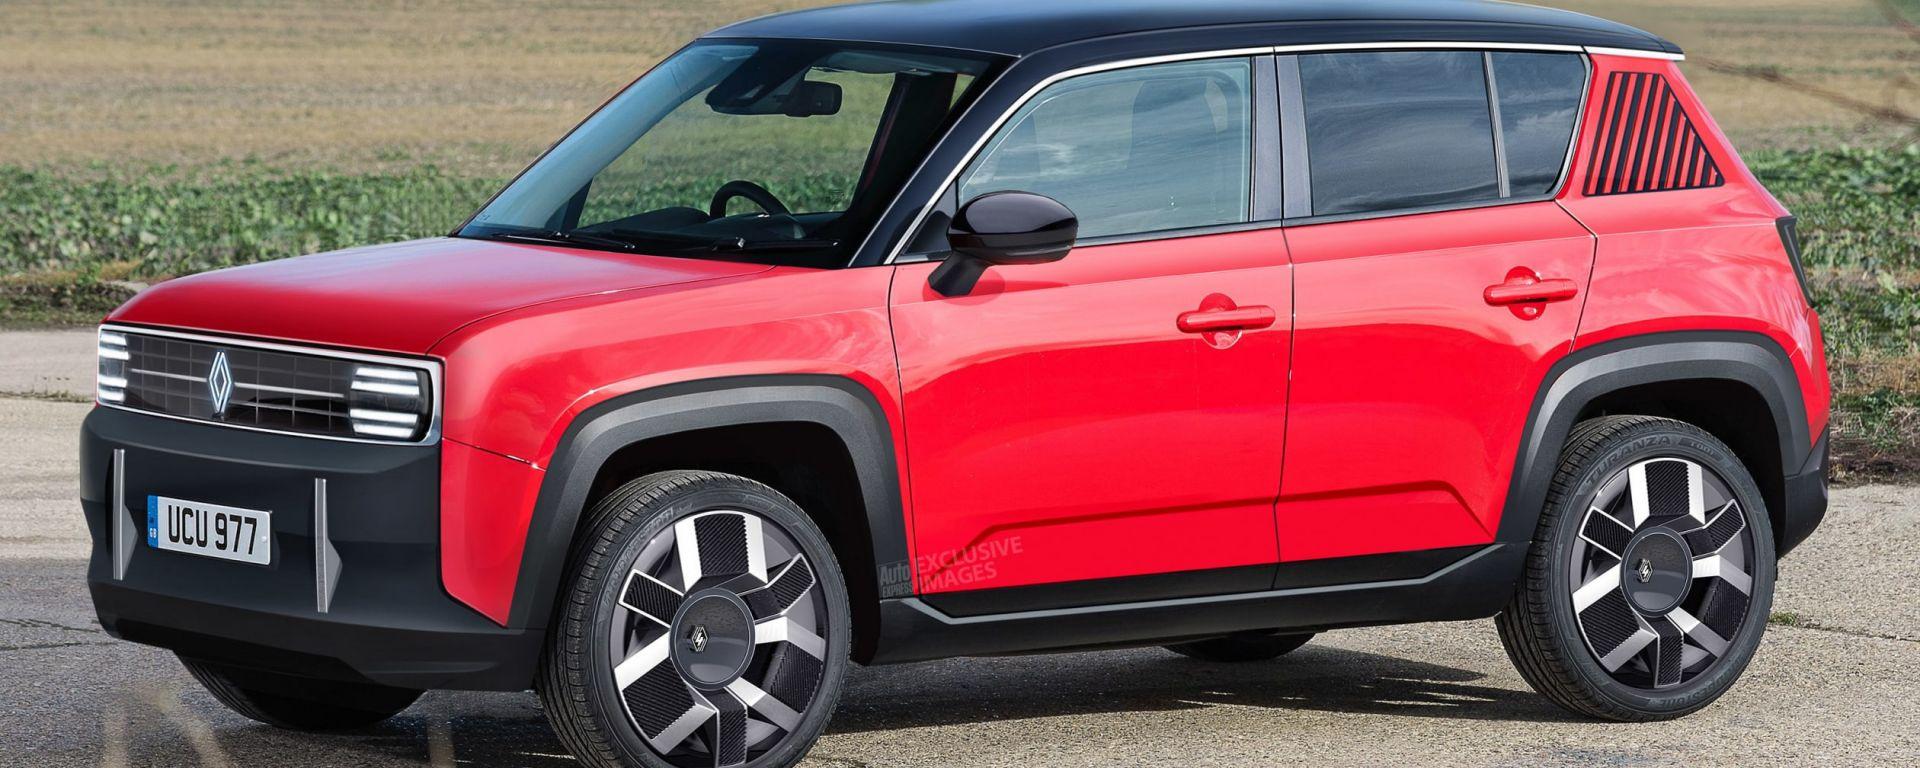 Nuova Renault 4: render grafico